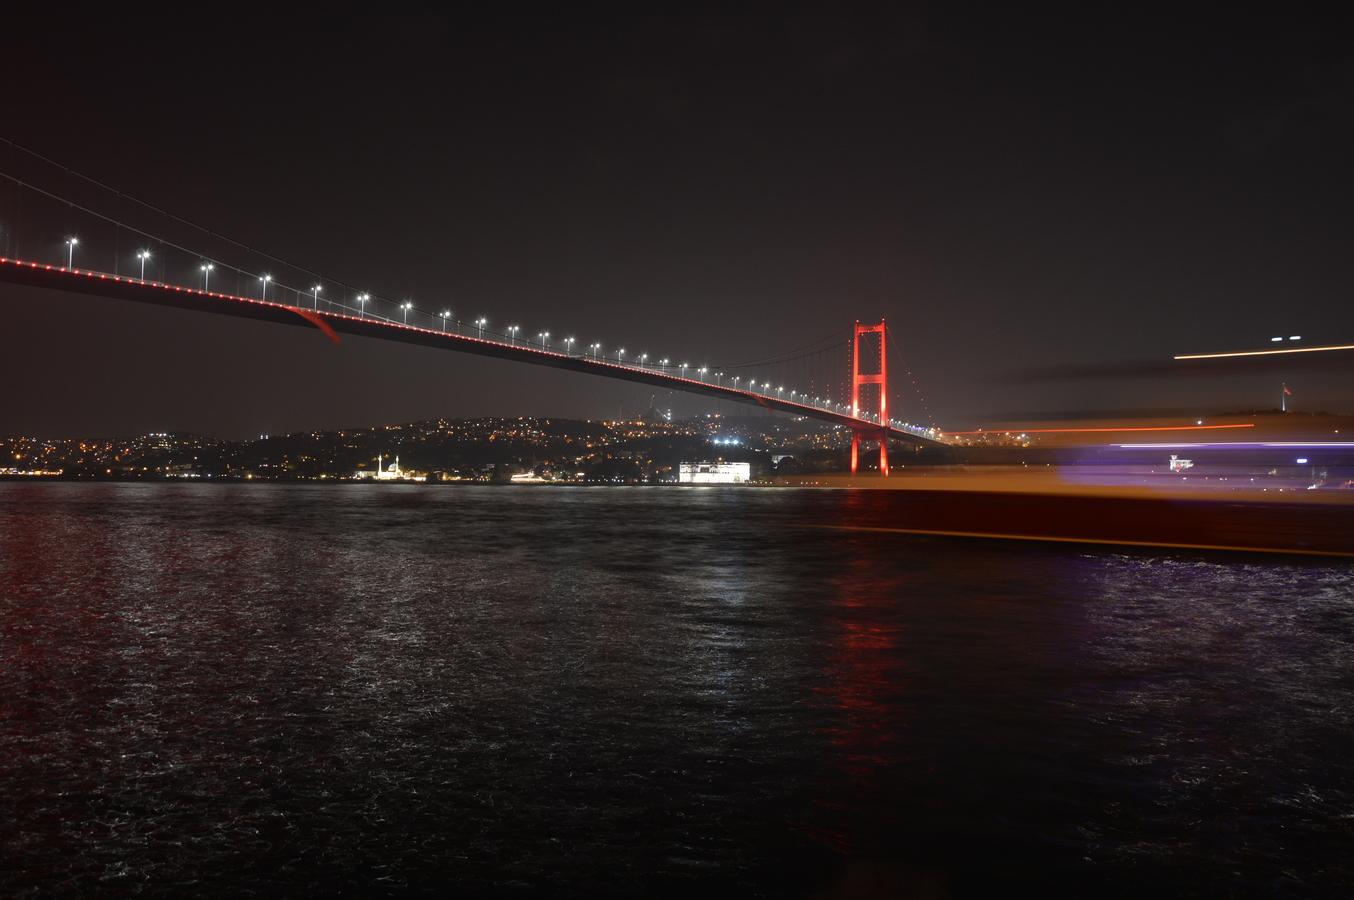 Noc v Istanbulu